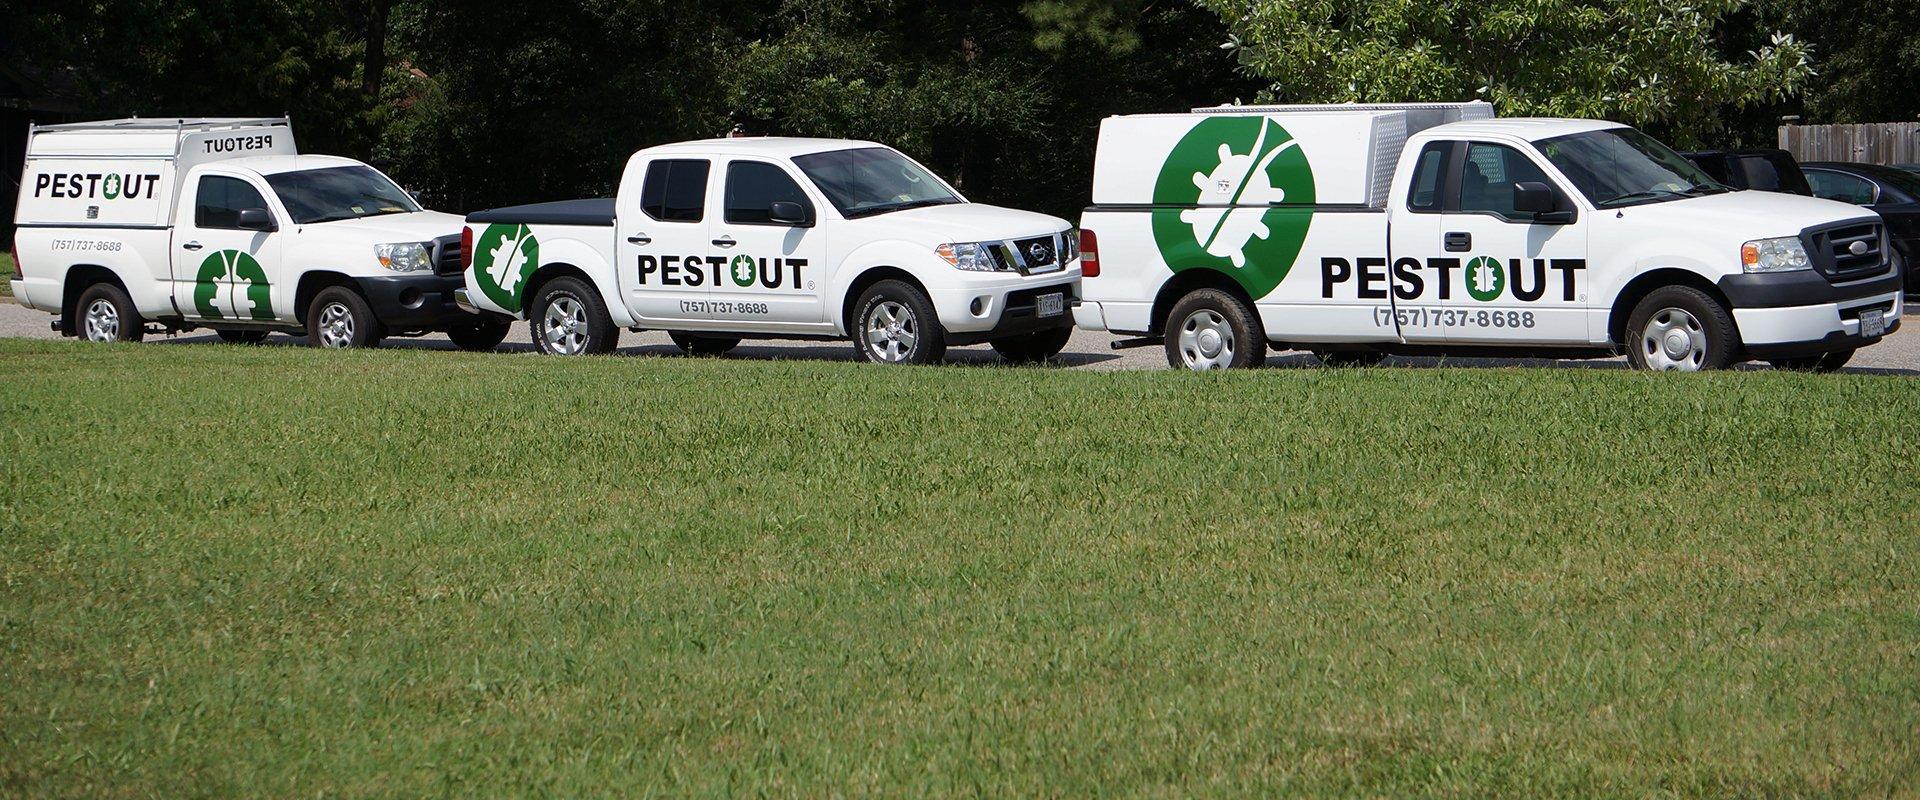 pestout vehicle fleet